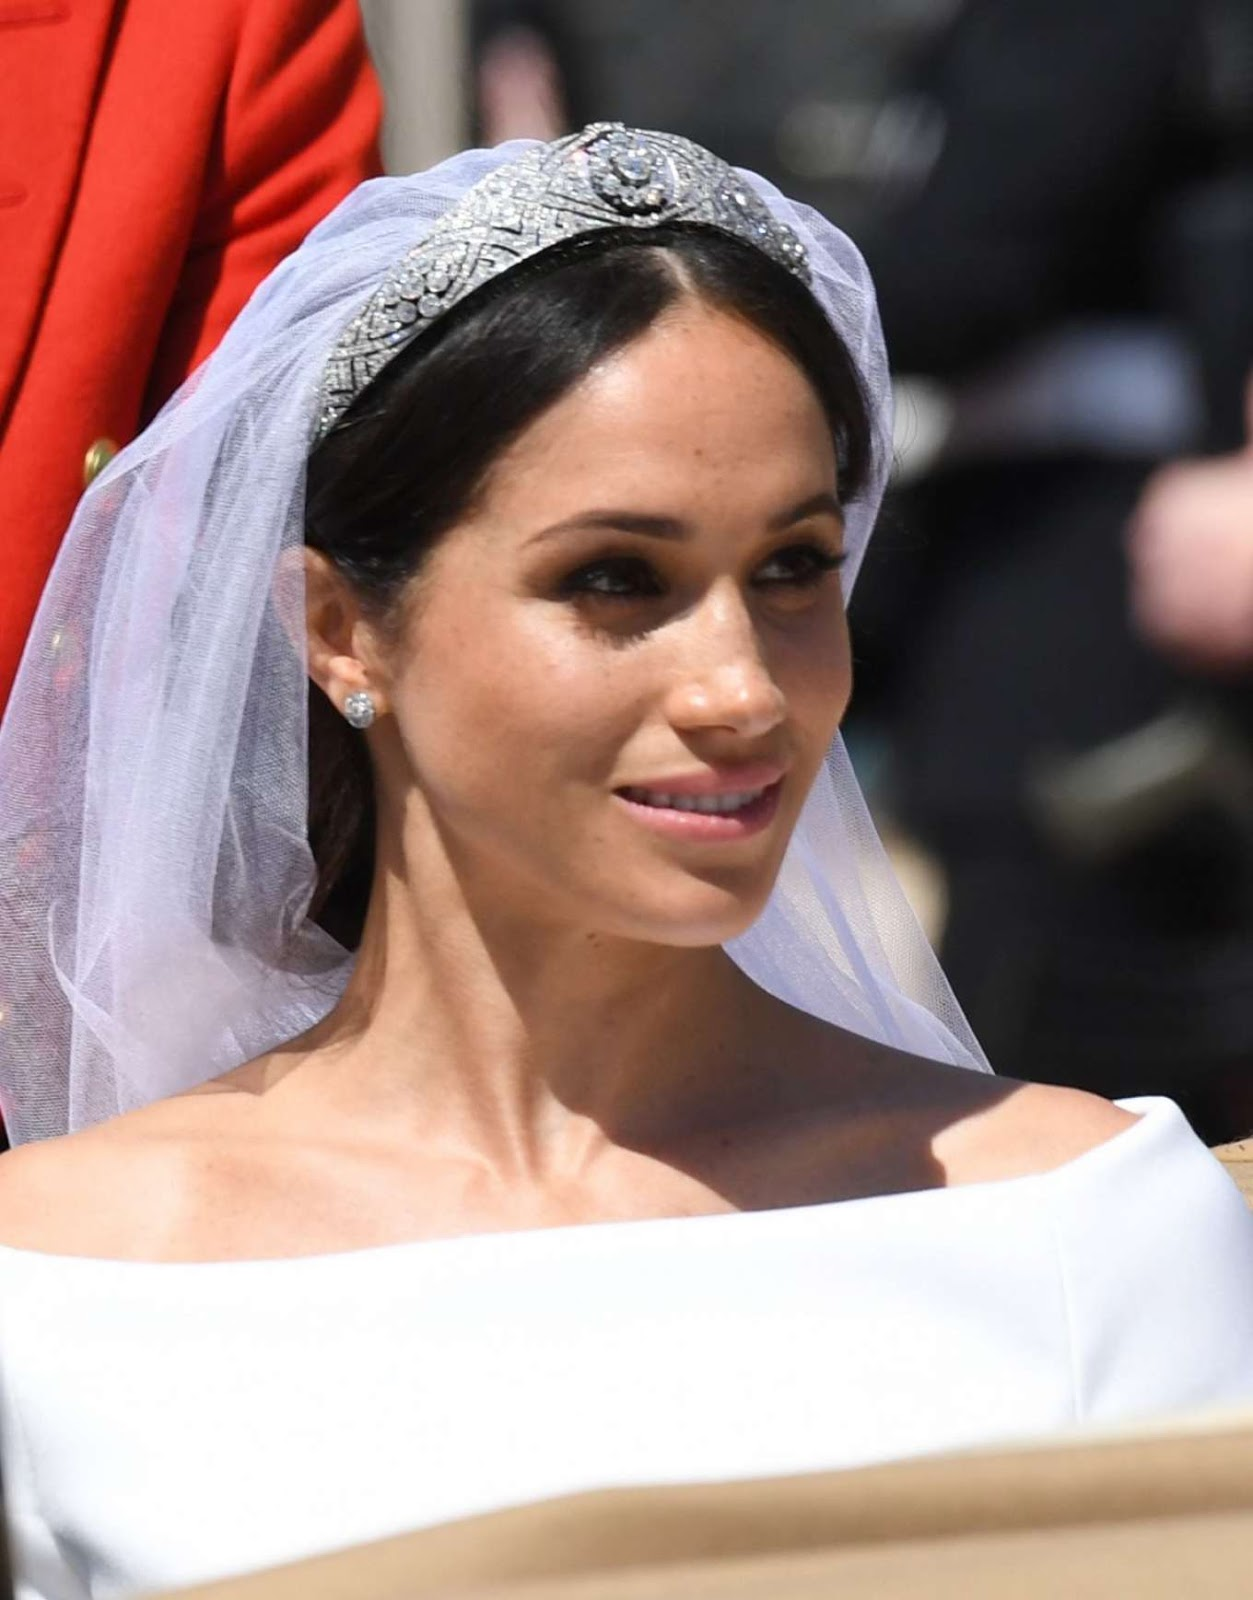 Подборка фото из свадьбы Меган Маркл и принца Гарри.